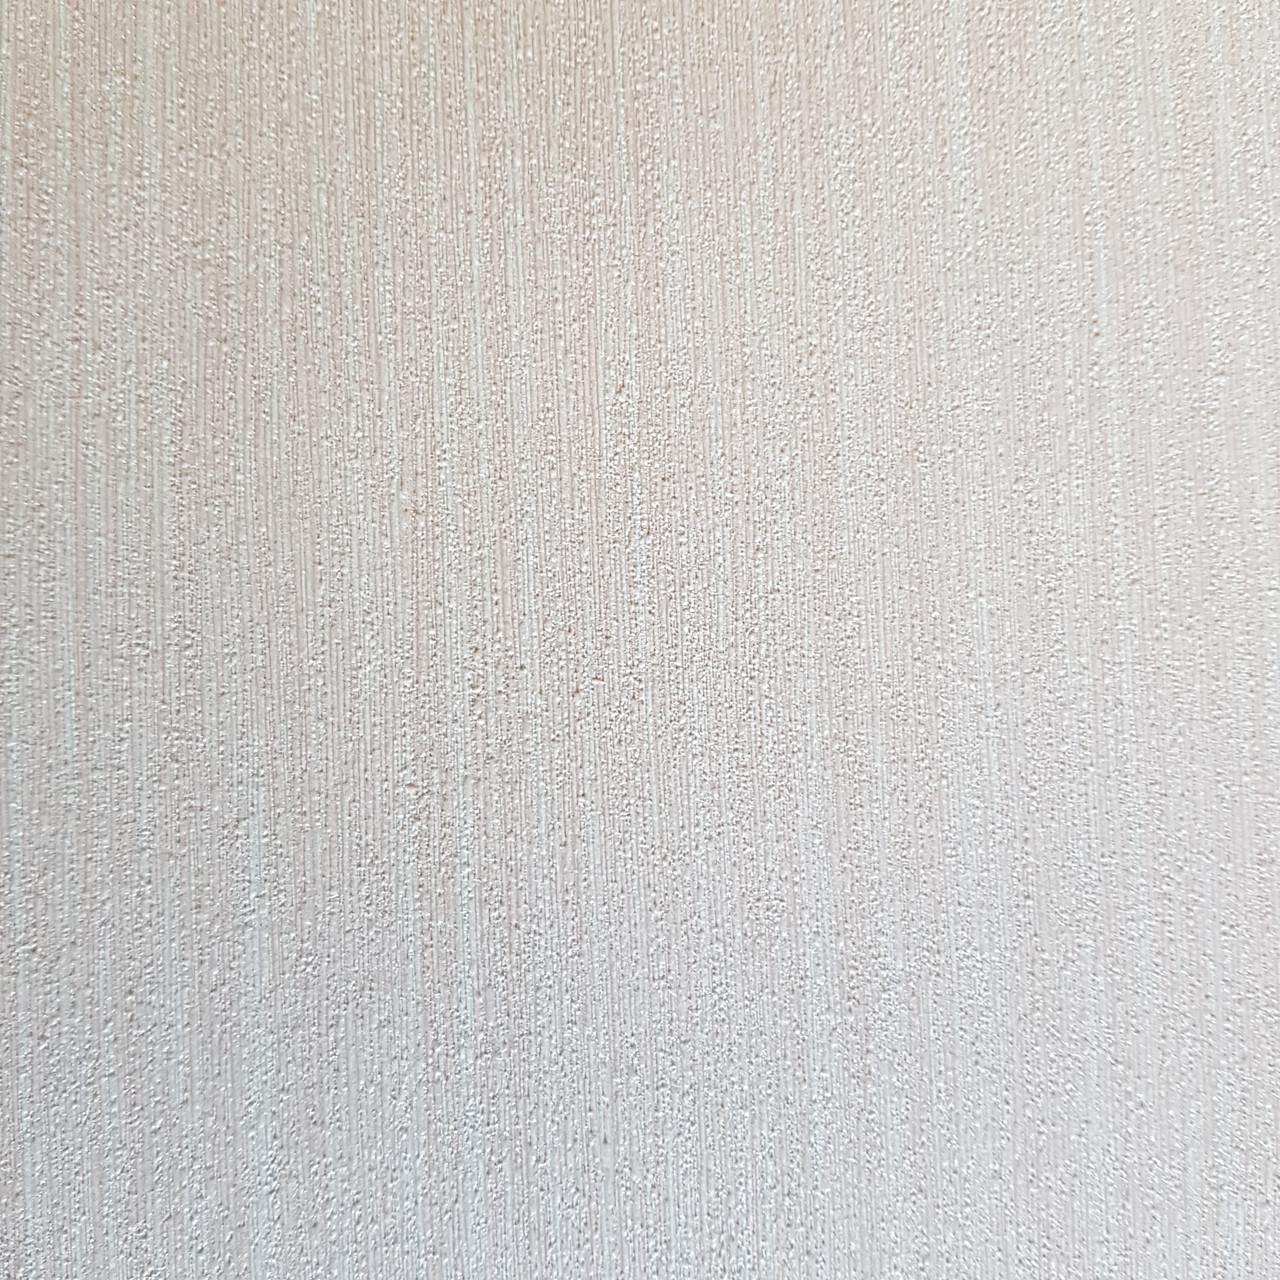 Шпалери метрові вінілові на флізелін дизайнерські Erismann Elle однотонні тонка смужка під тканину рожеві